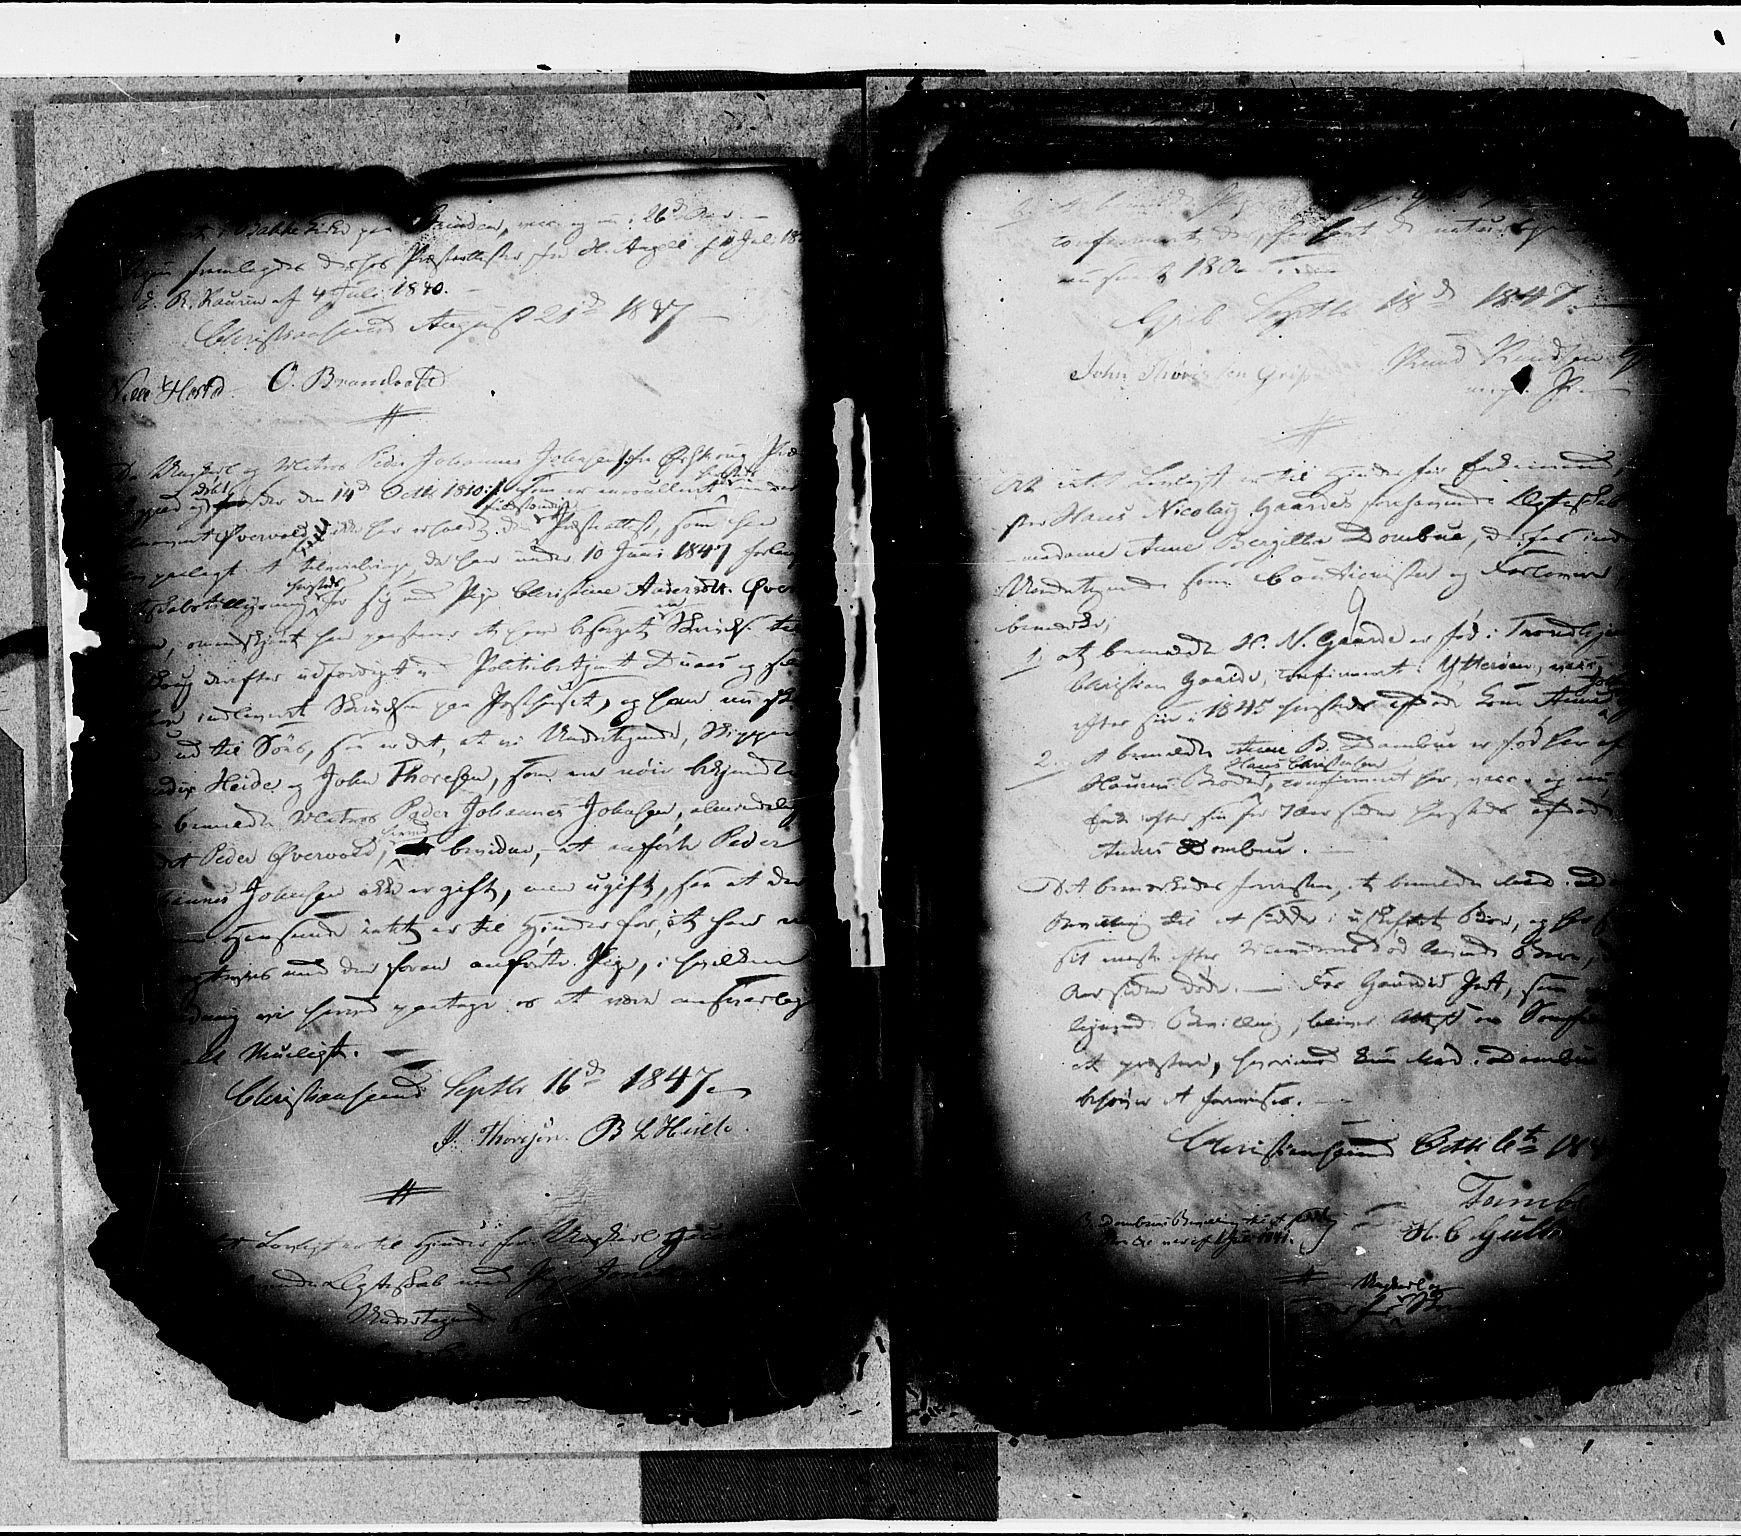 SAT, Arkivreferanse ukjent*, Forlovererklæringer nr. 16, 1846-1855, s. 9